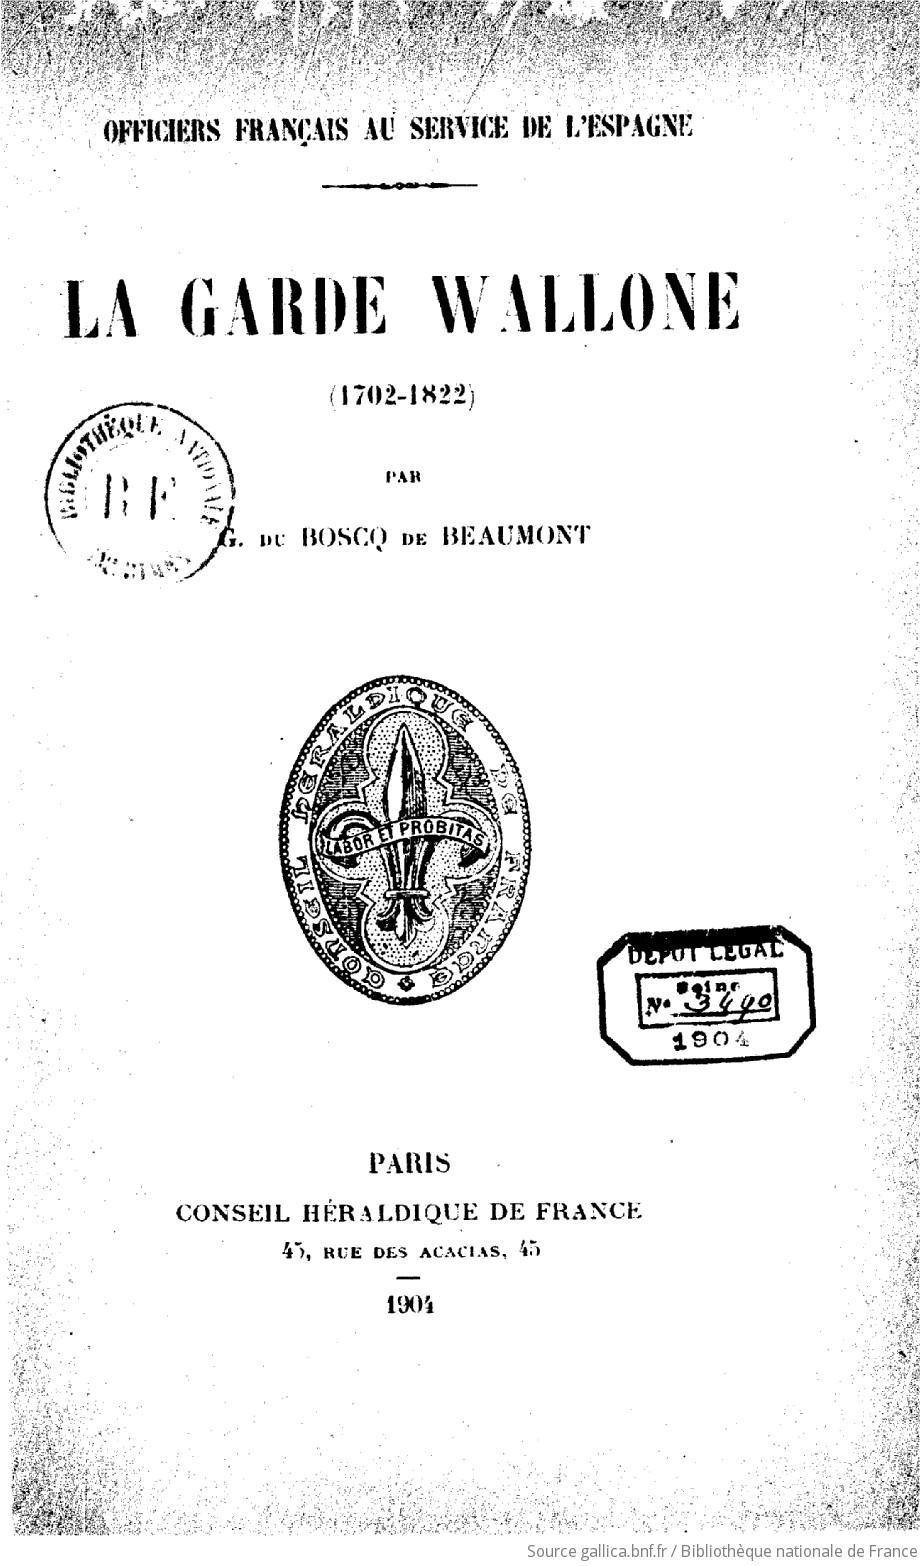 La garde wallonne (1702-1822) : officiers français au service de l'Espagne - Gaston Boscq de Beaumont (du)